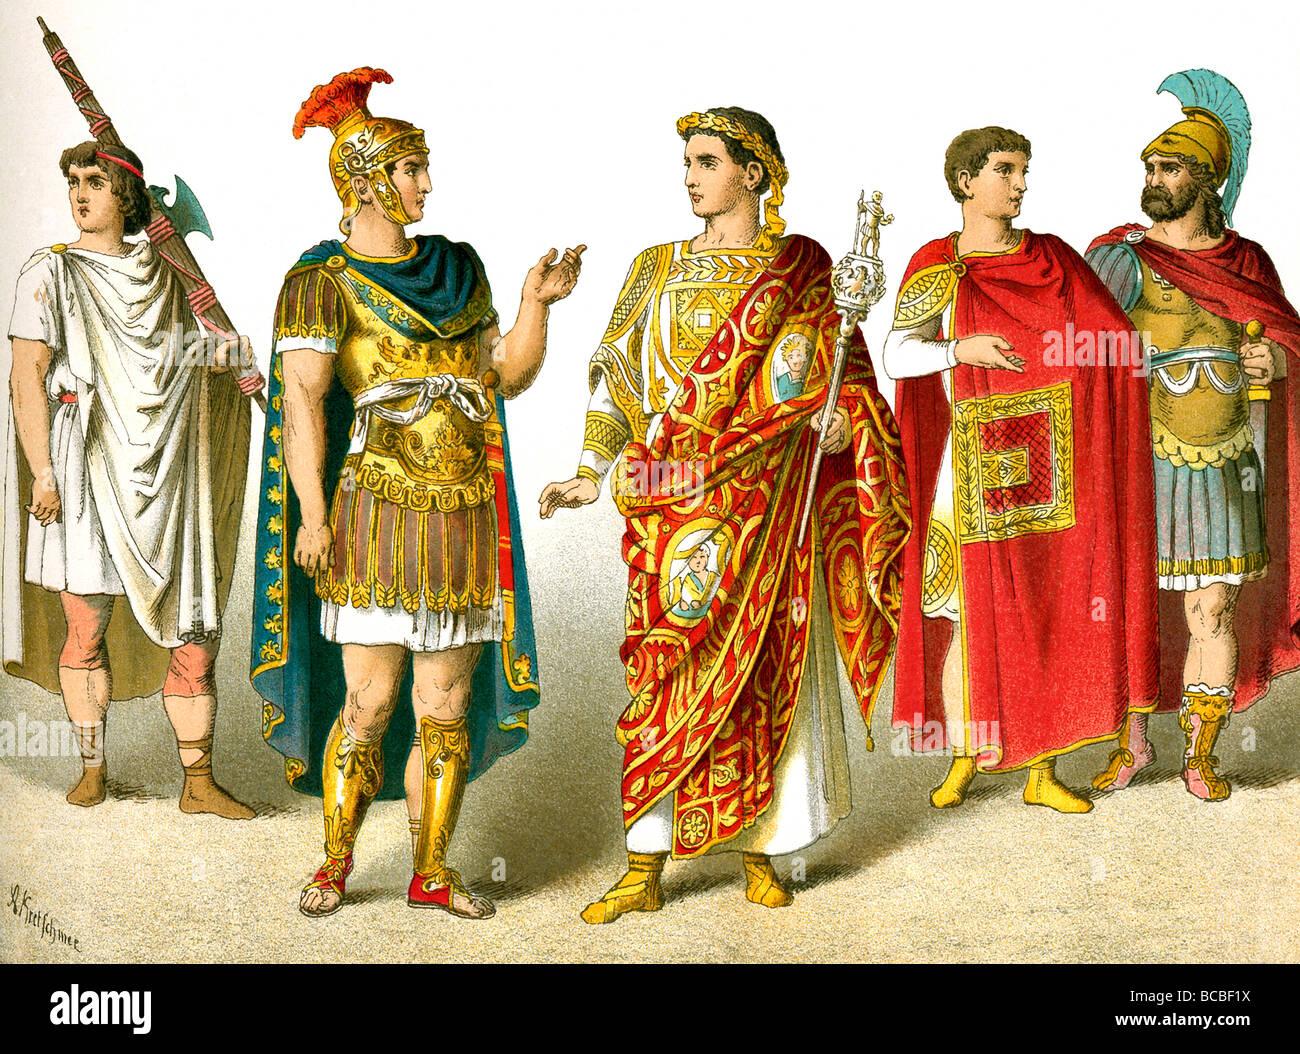 L'illustration montre un licteur romain, le général, le général célèbre un triomphe, Photo Stock